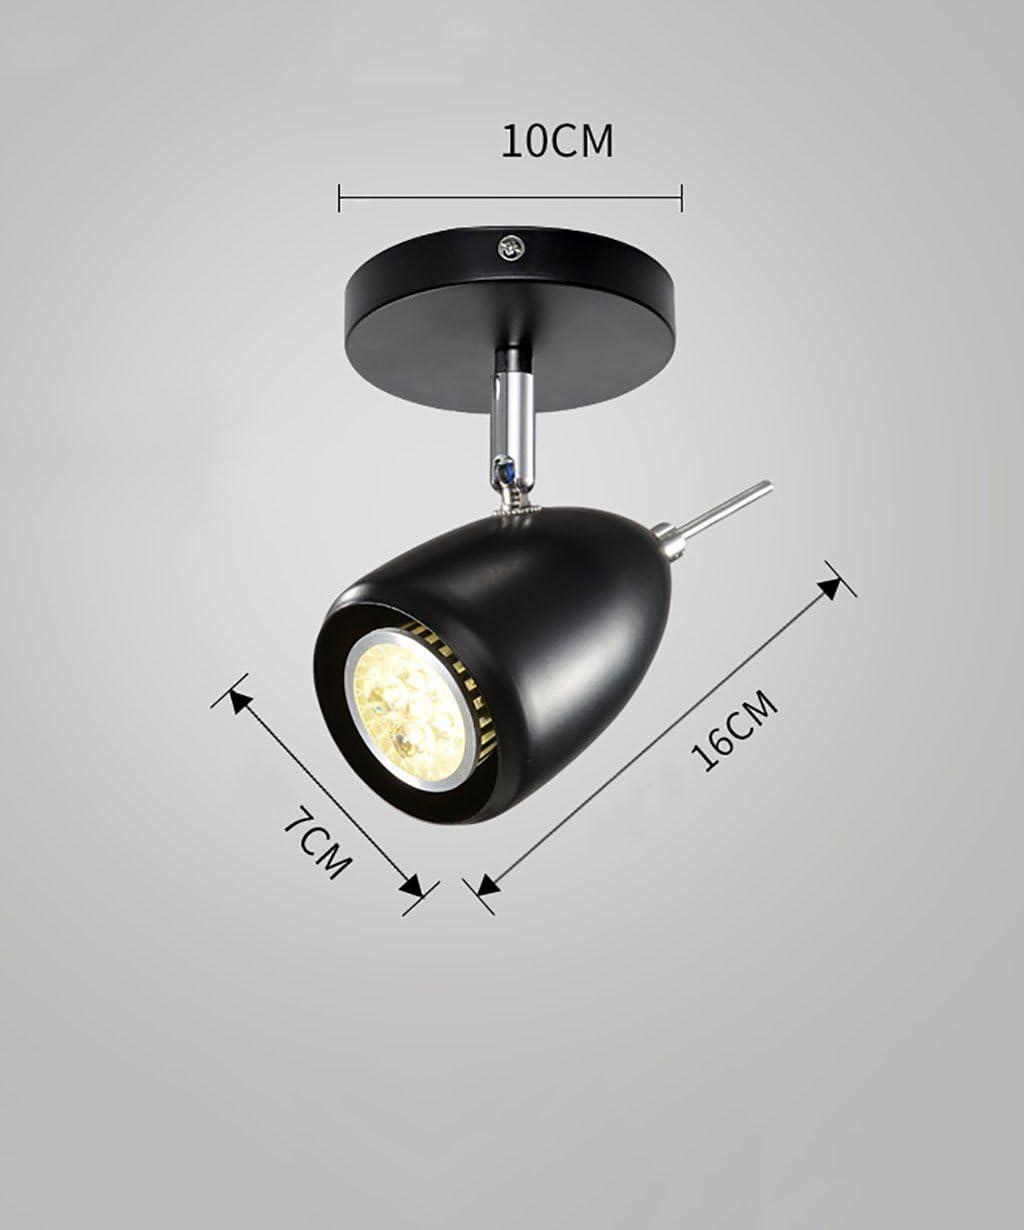 58SD 光源LEDスポットライトシーリングライト背景ウォールスポットライト付き (Color : 10W, Size : WHITE)